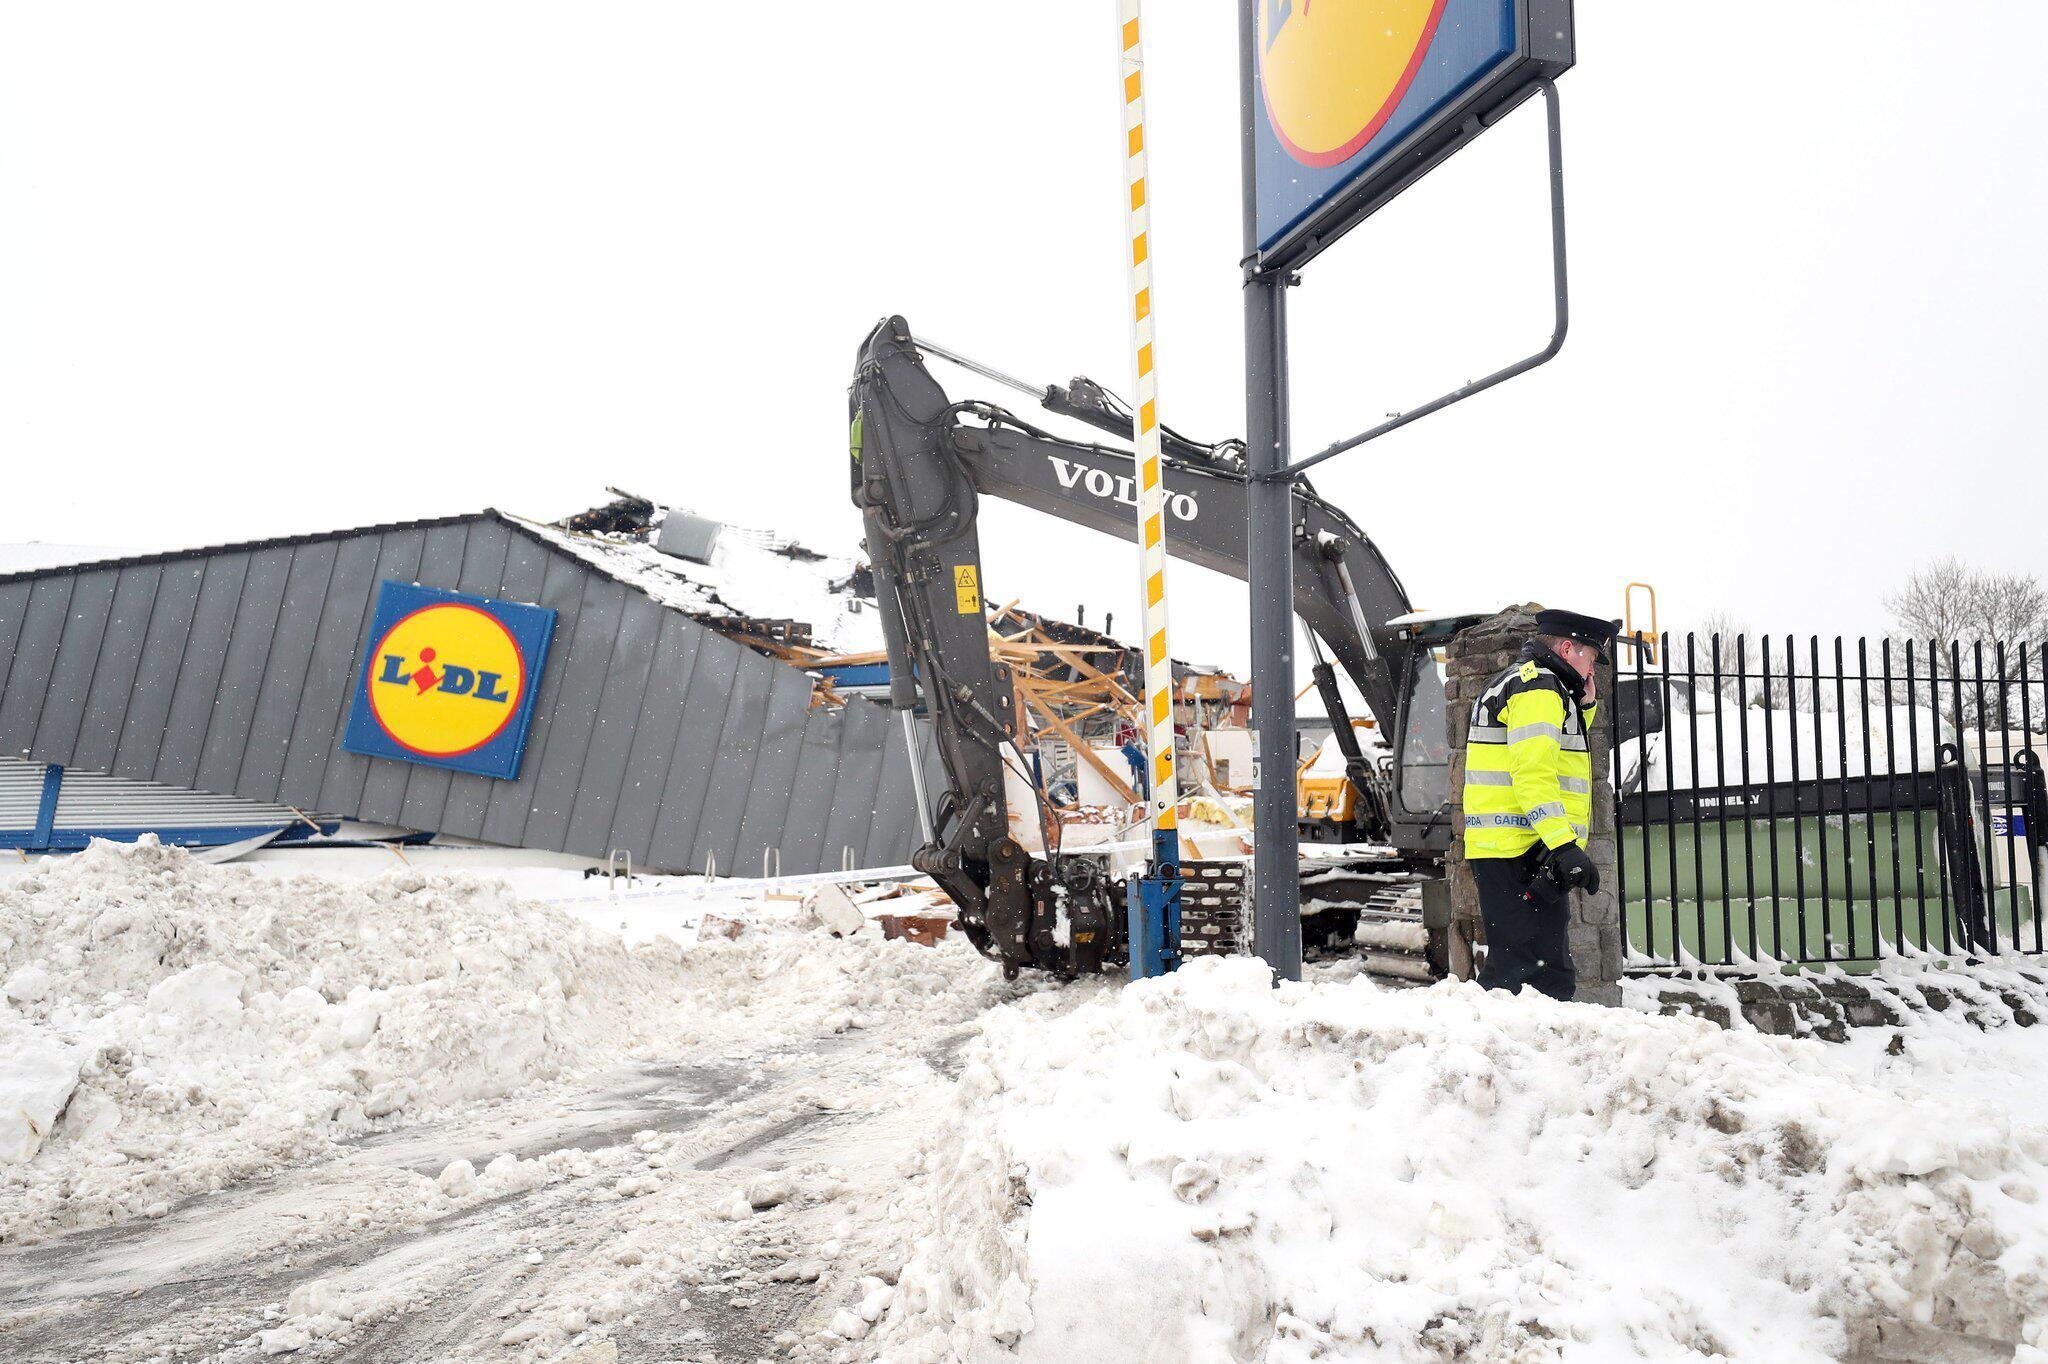 Bild zu Supermarkt in Irland geplündert